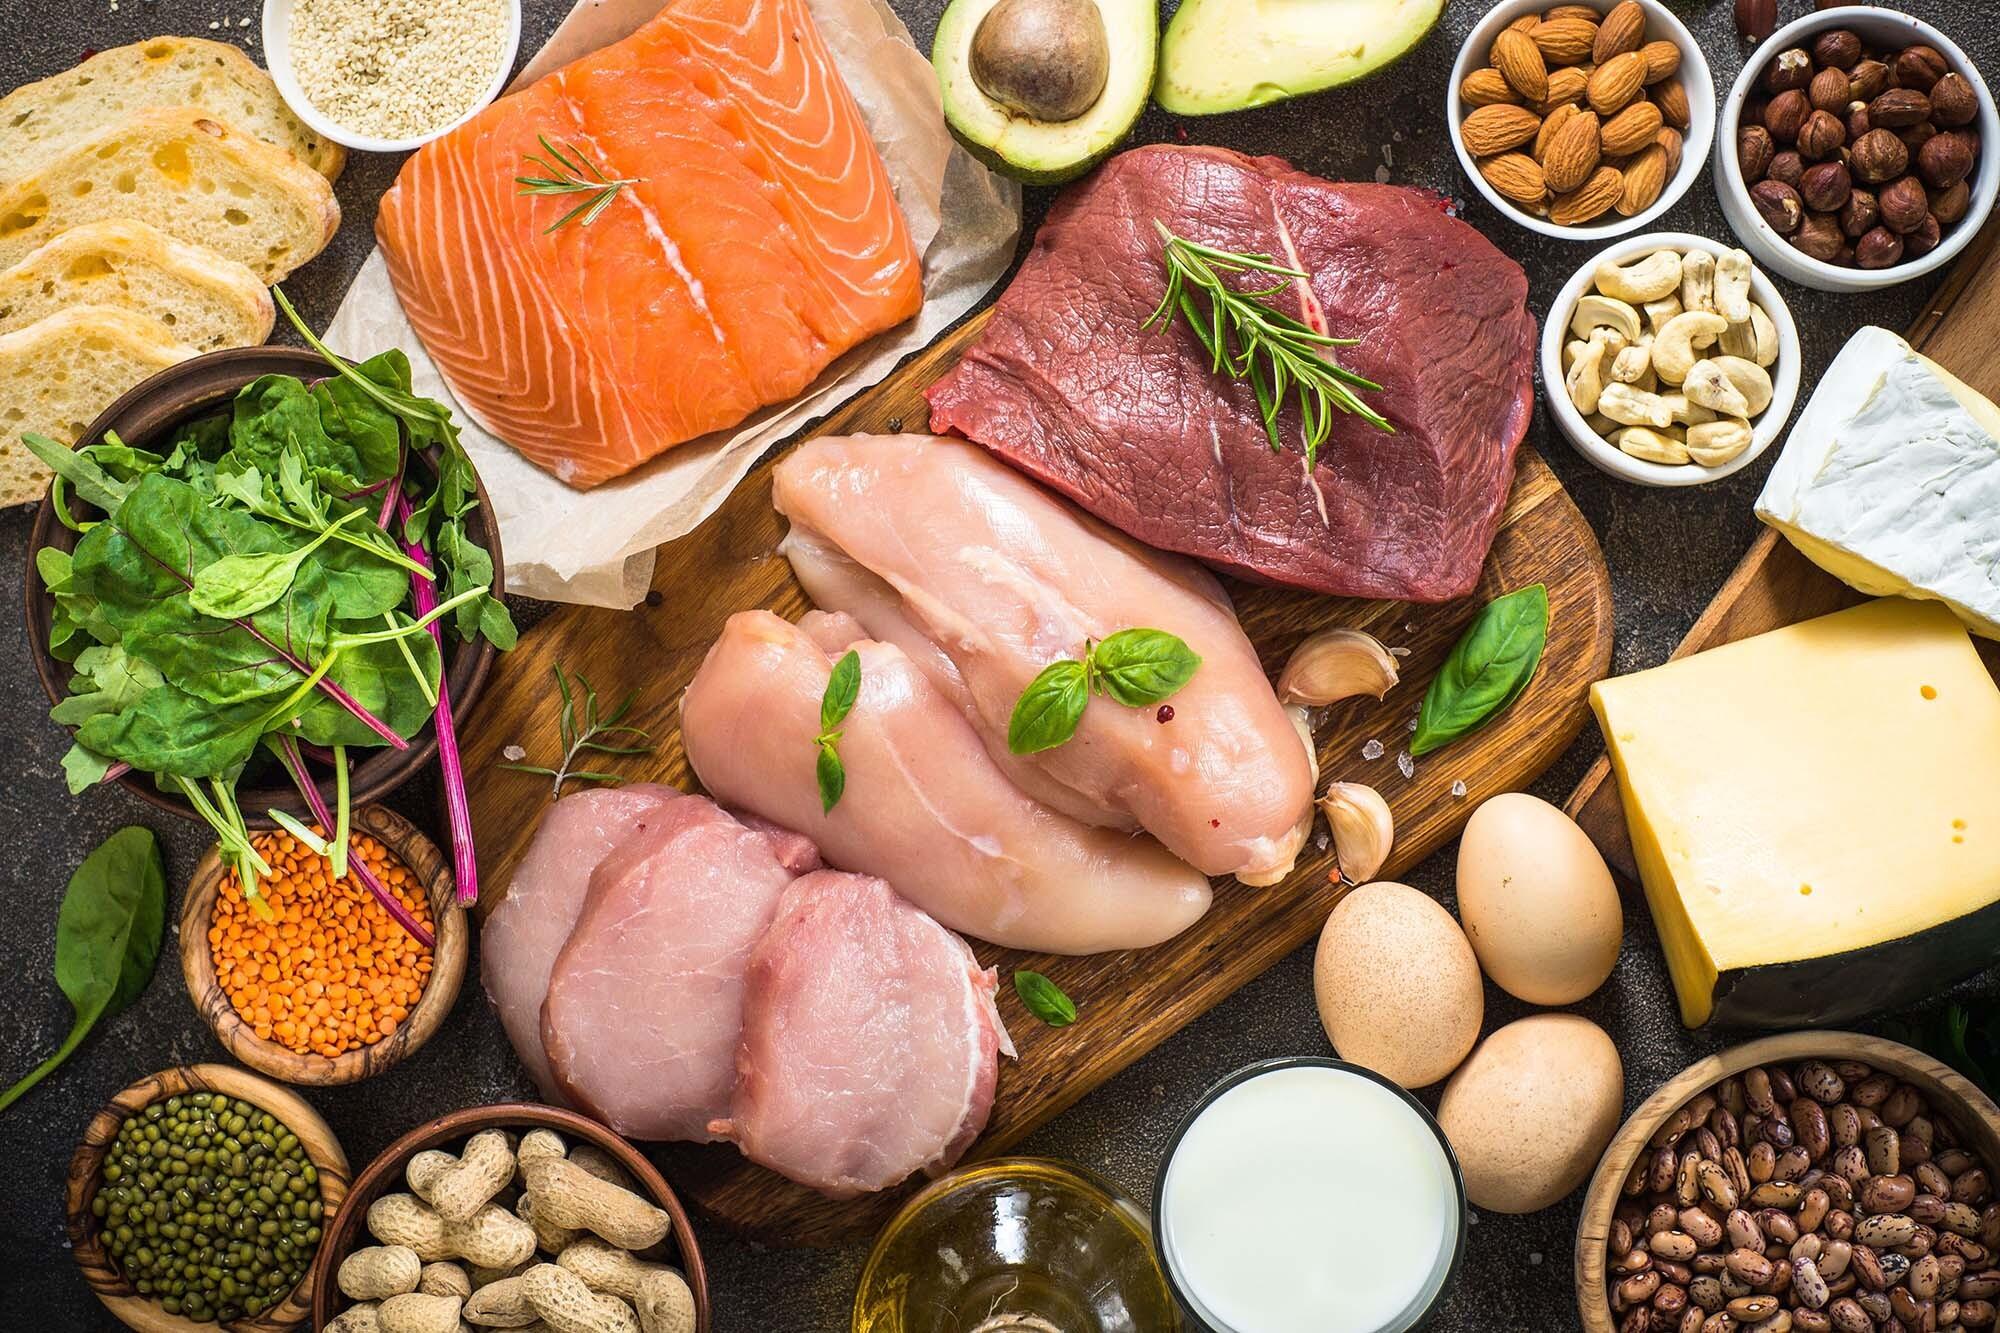 alimentación saludable - nutrición - fisioterapia - clínica David Marcos